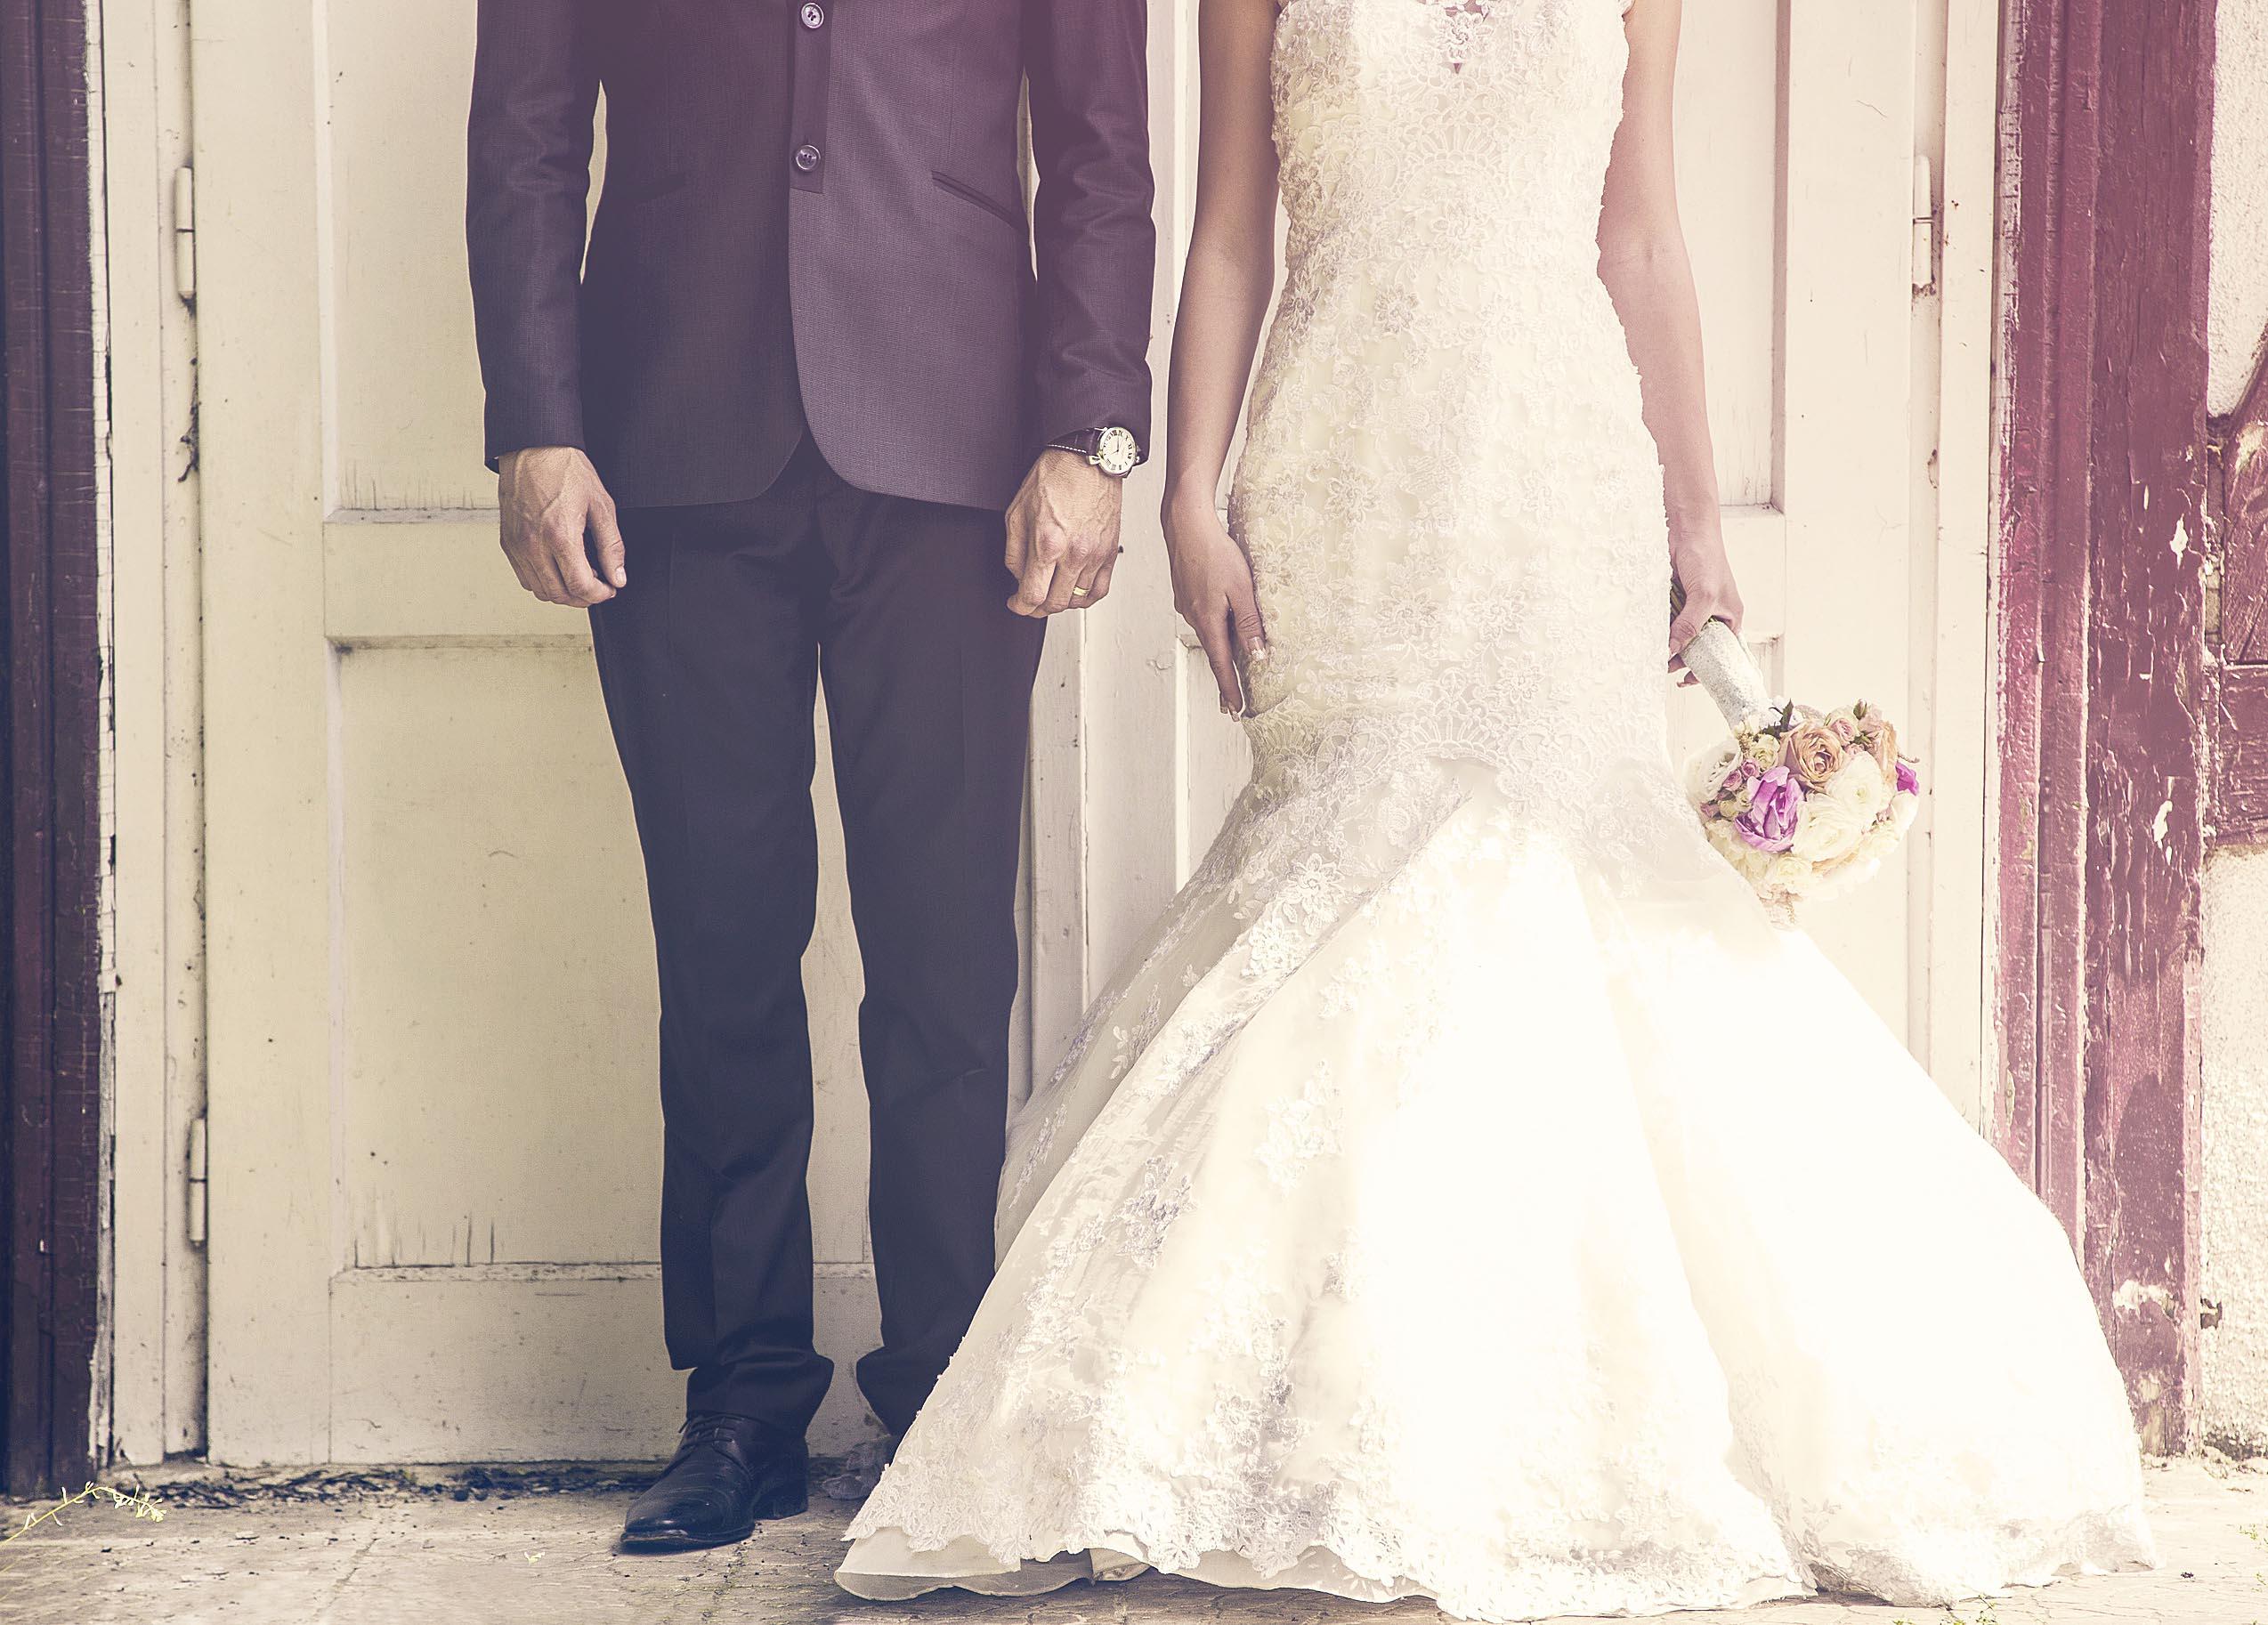 sposarsi in italia residenti all'estero - daniele panareo fotografo matrimonio lecce